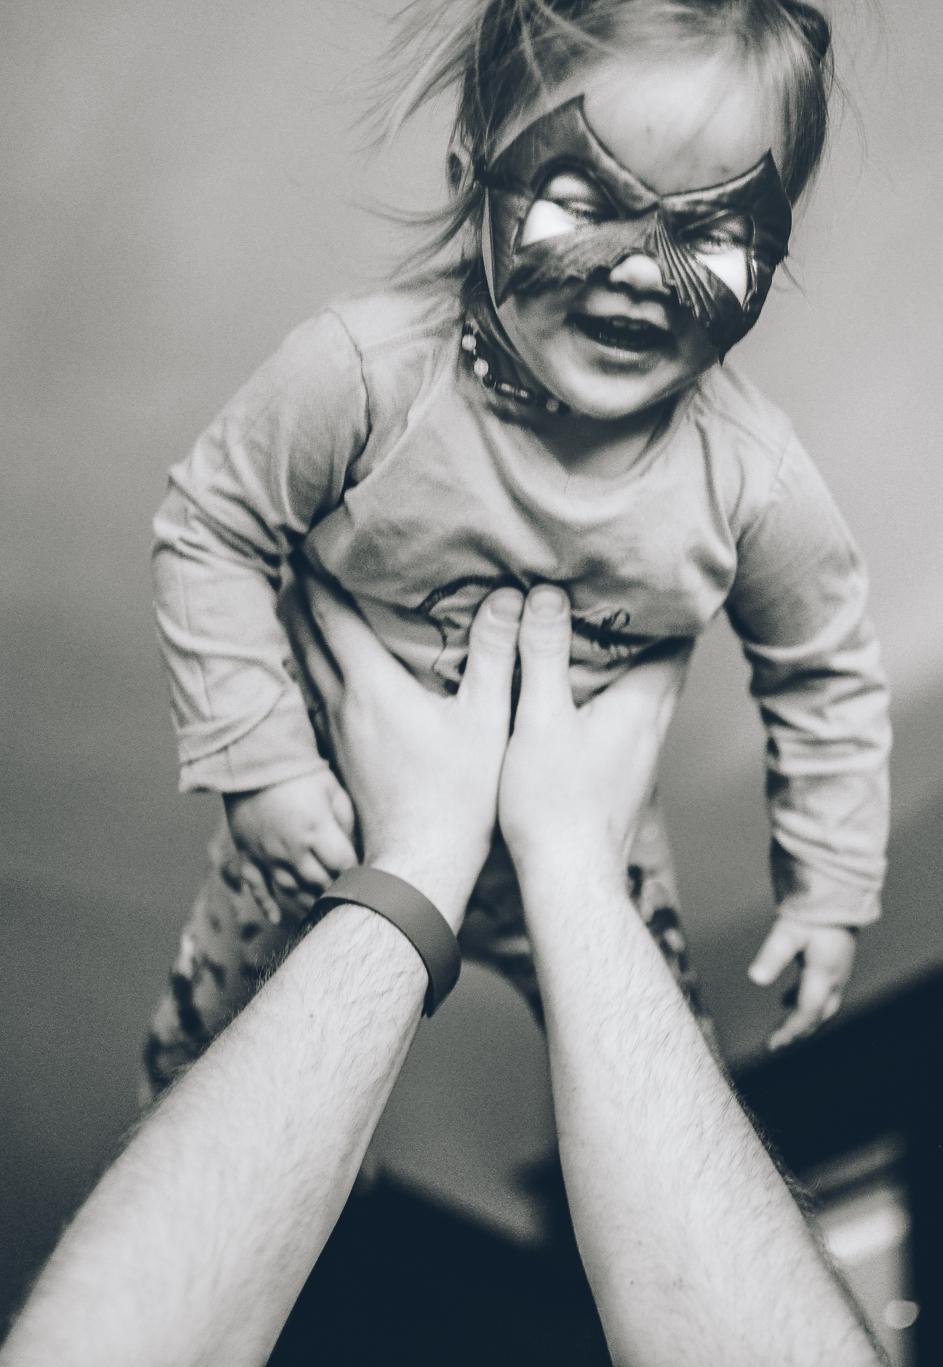 roanoke moment seeking mom emotion